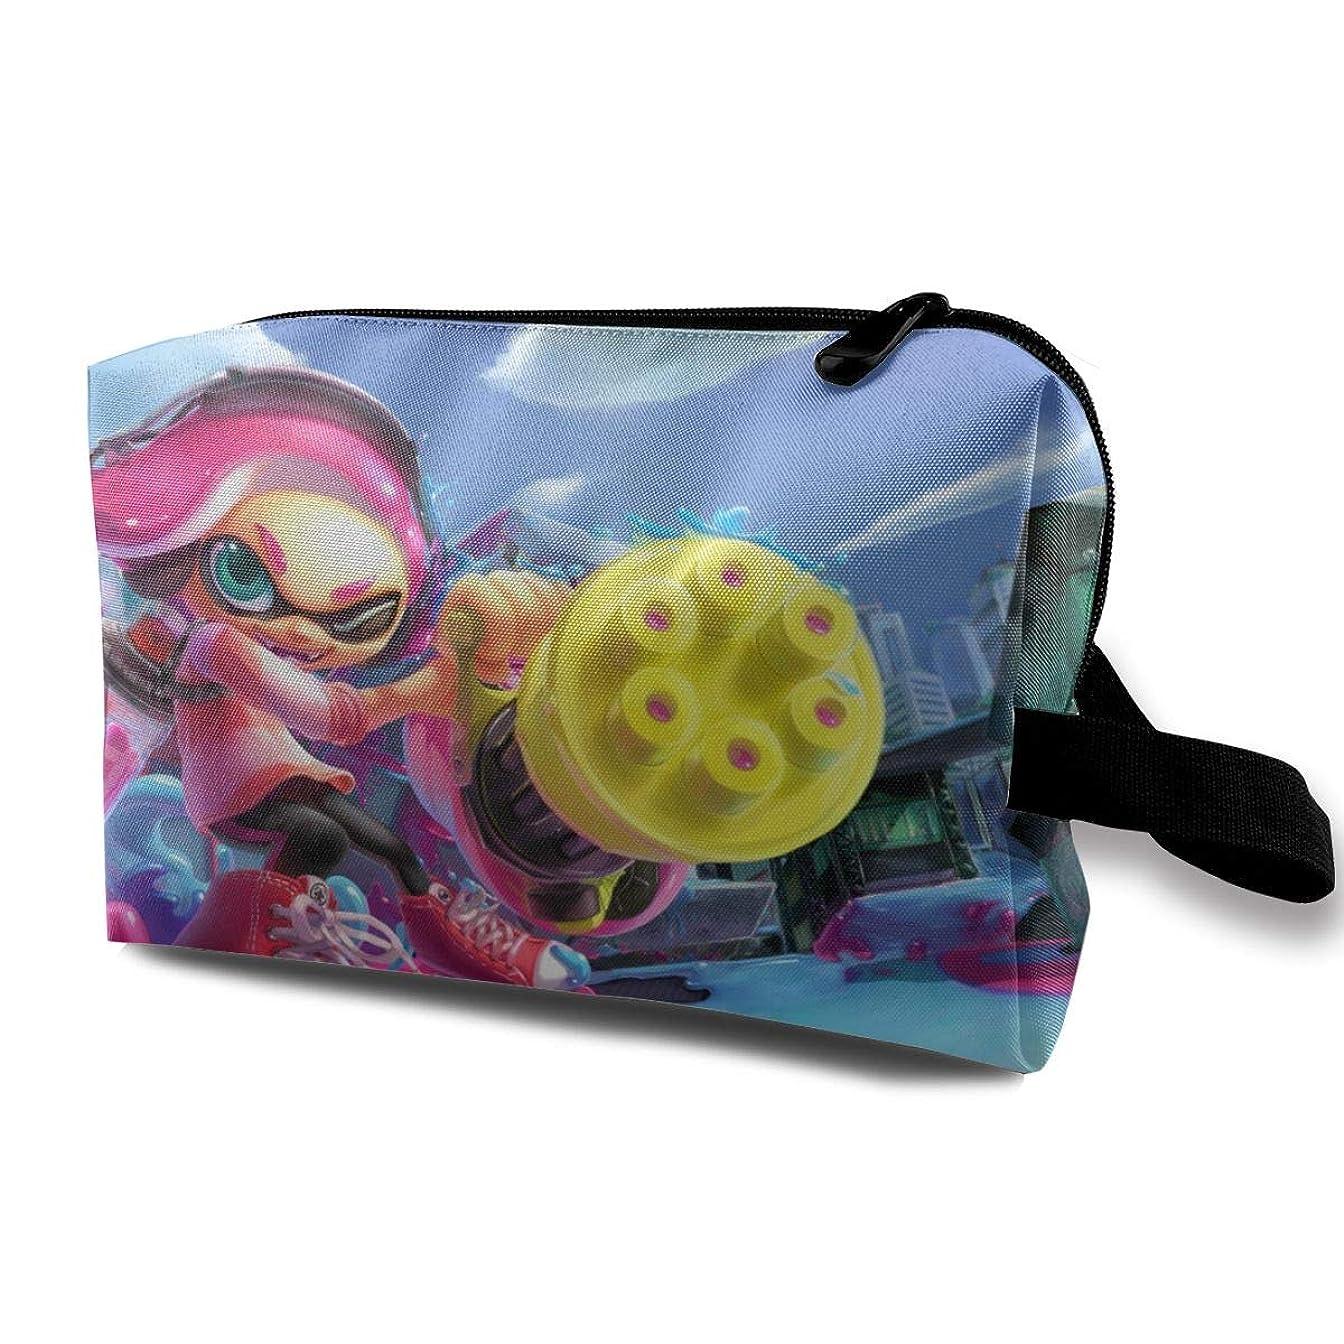 闘争佐賀濃度Joycego Splatoon 2 スプラトゥーン2 ポーチ バッグ メンズ 化粧ポーチ ジッパー付きポータブル トラベルポーチ 旅行 防水